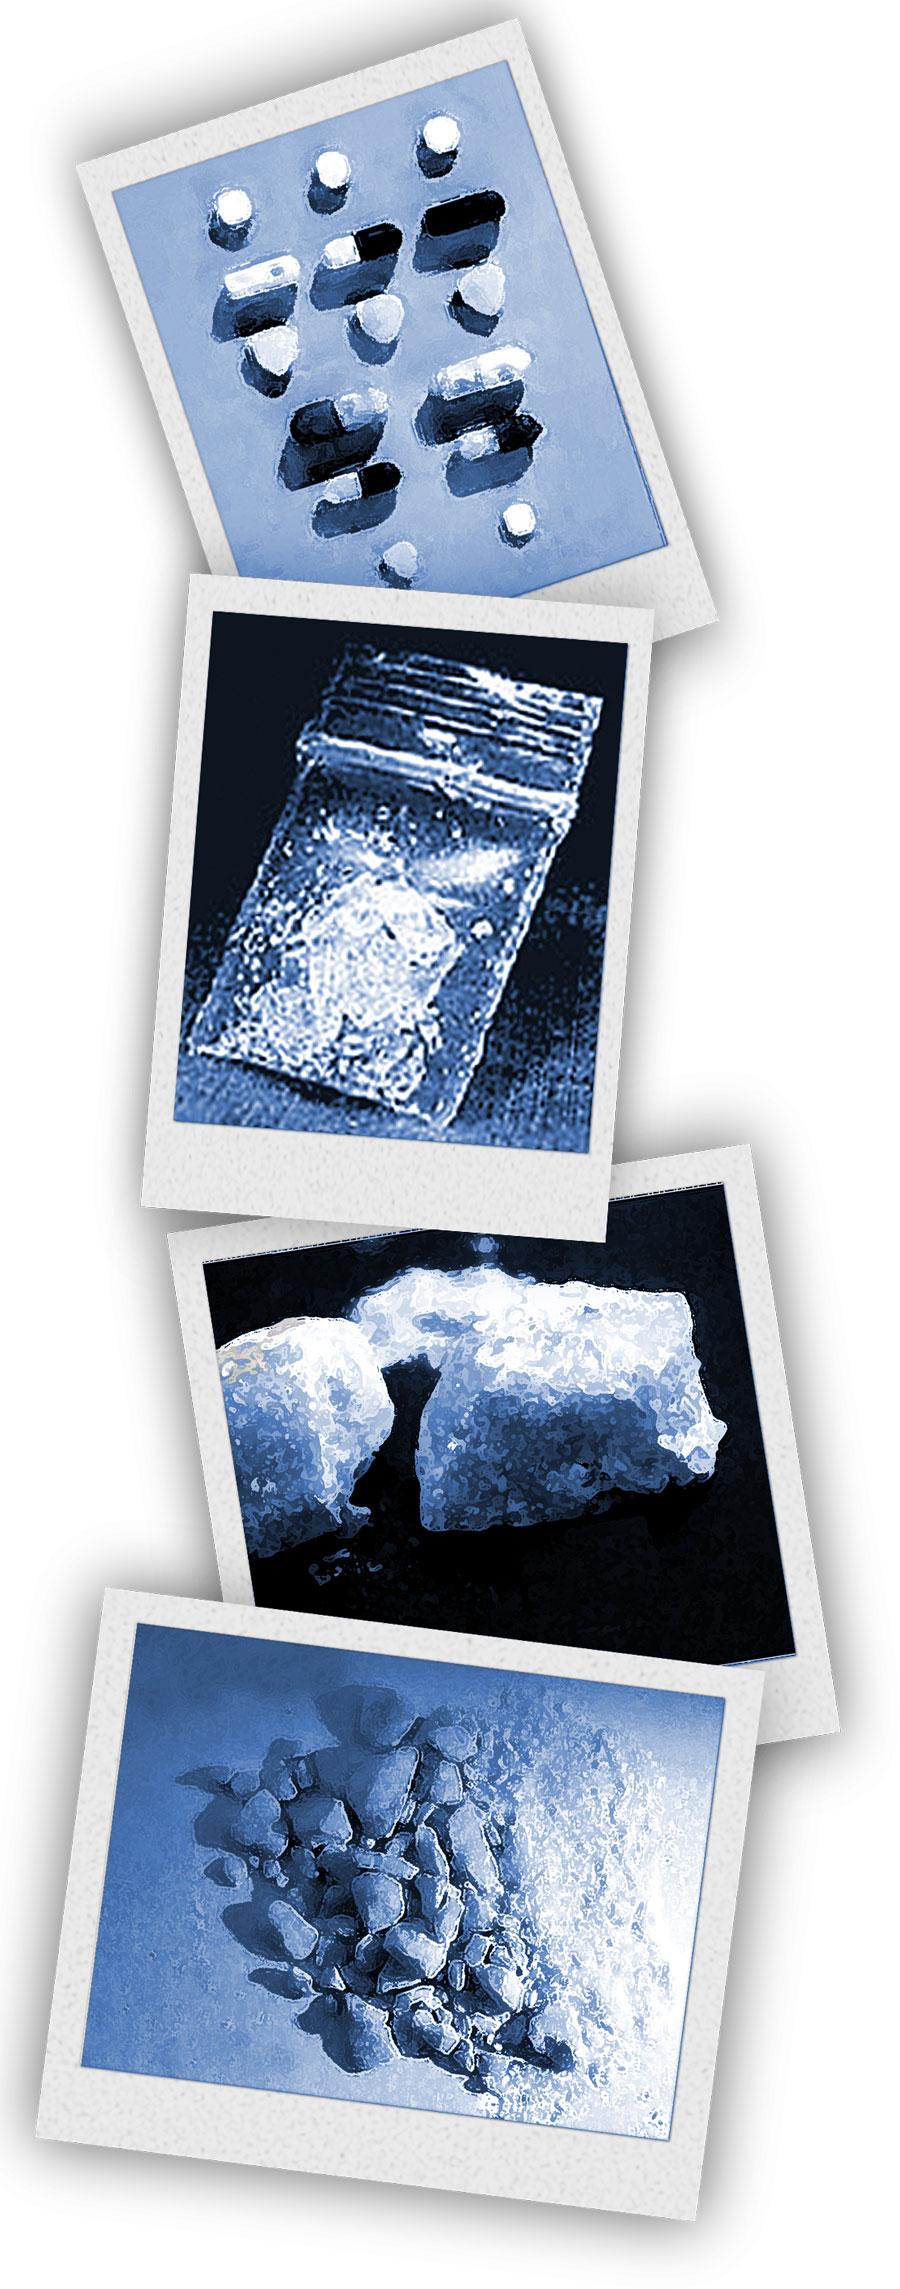 Bron van de afbeeldingen dea drugs